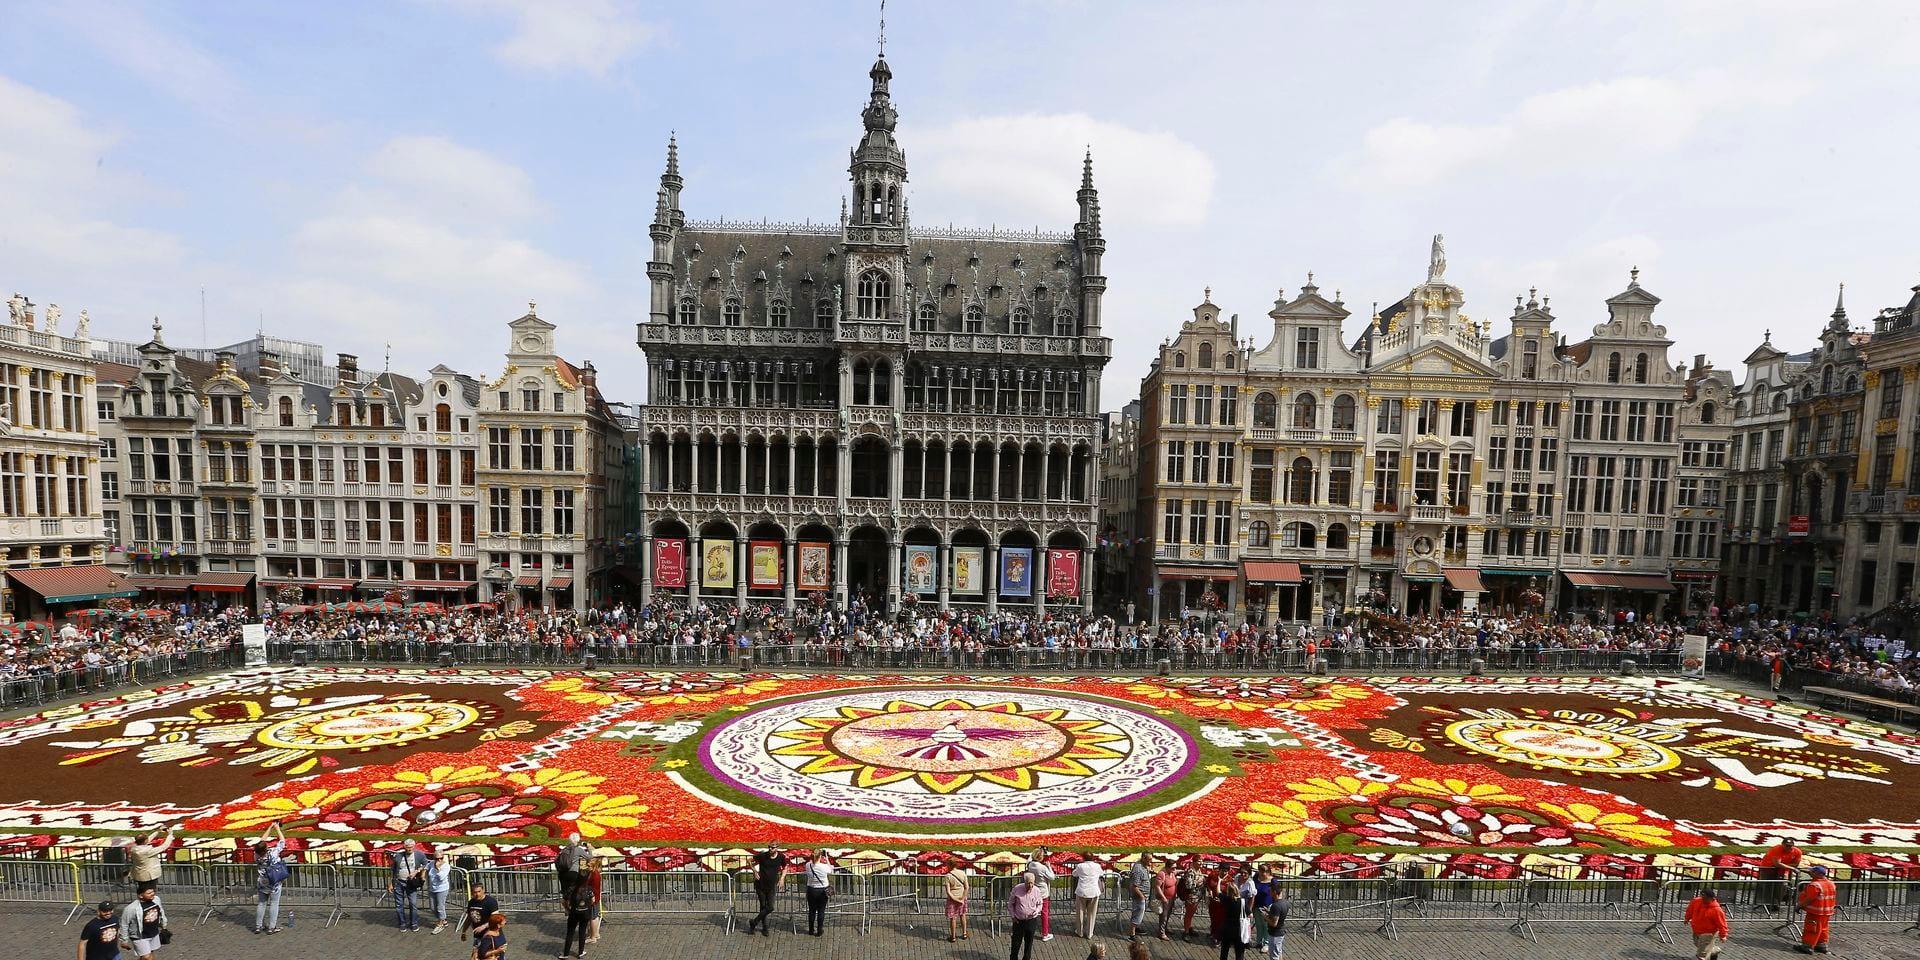 Découvrer le tapis de fleurs mexicain sur la Grand-Place de Bruxelles